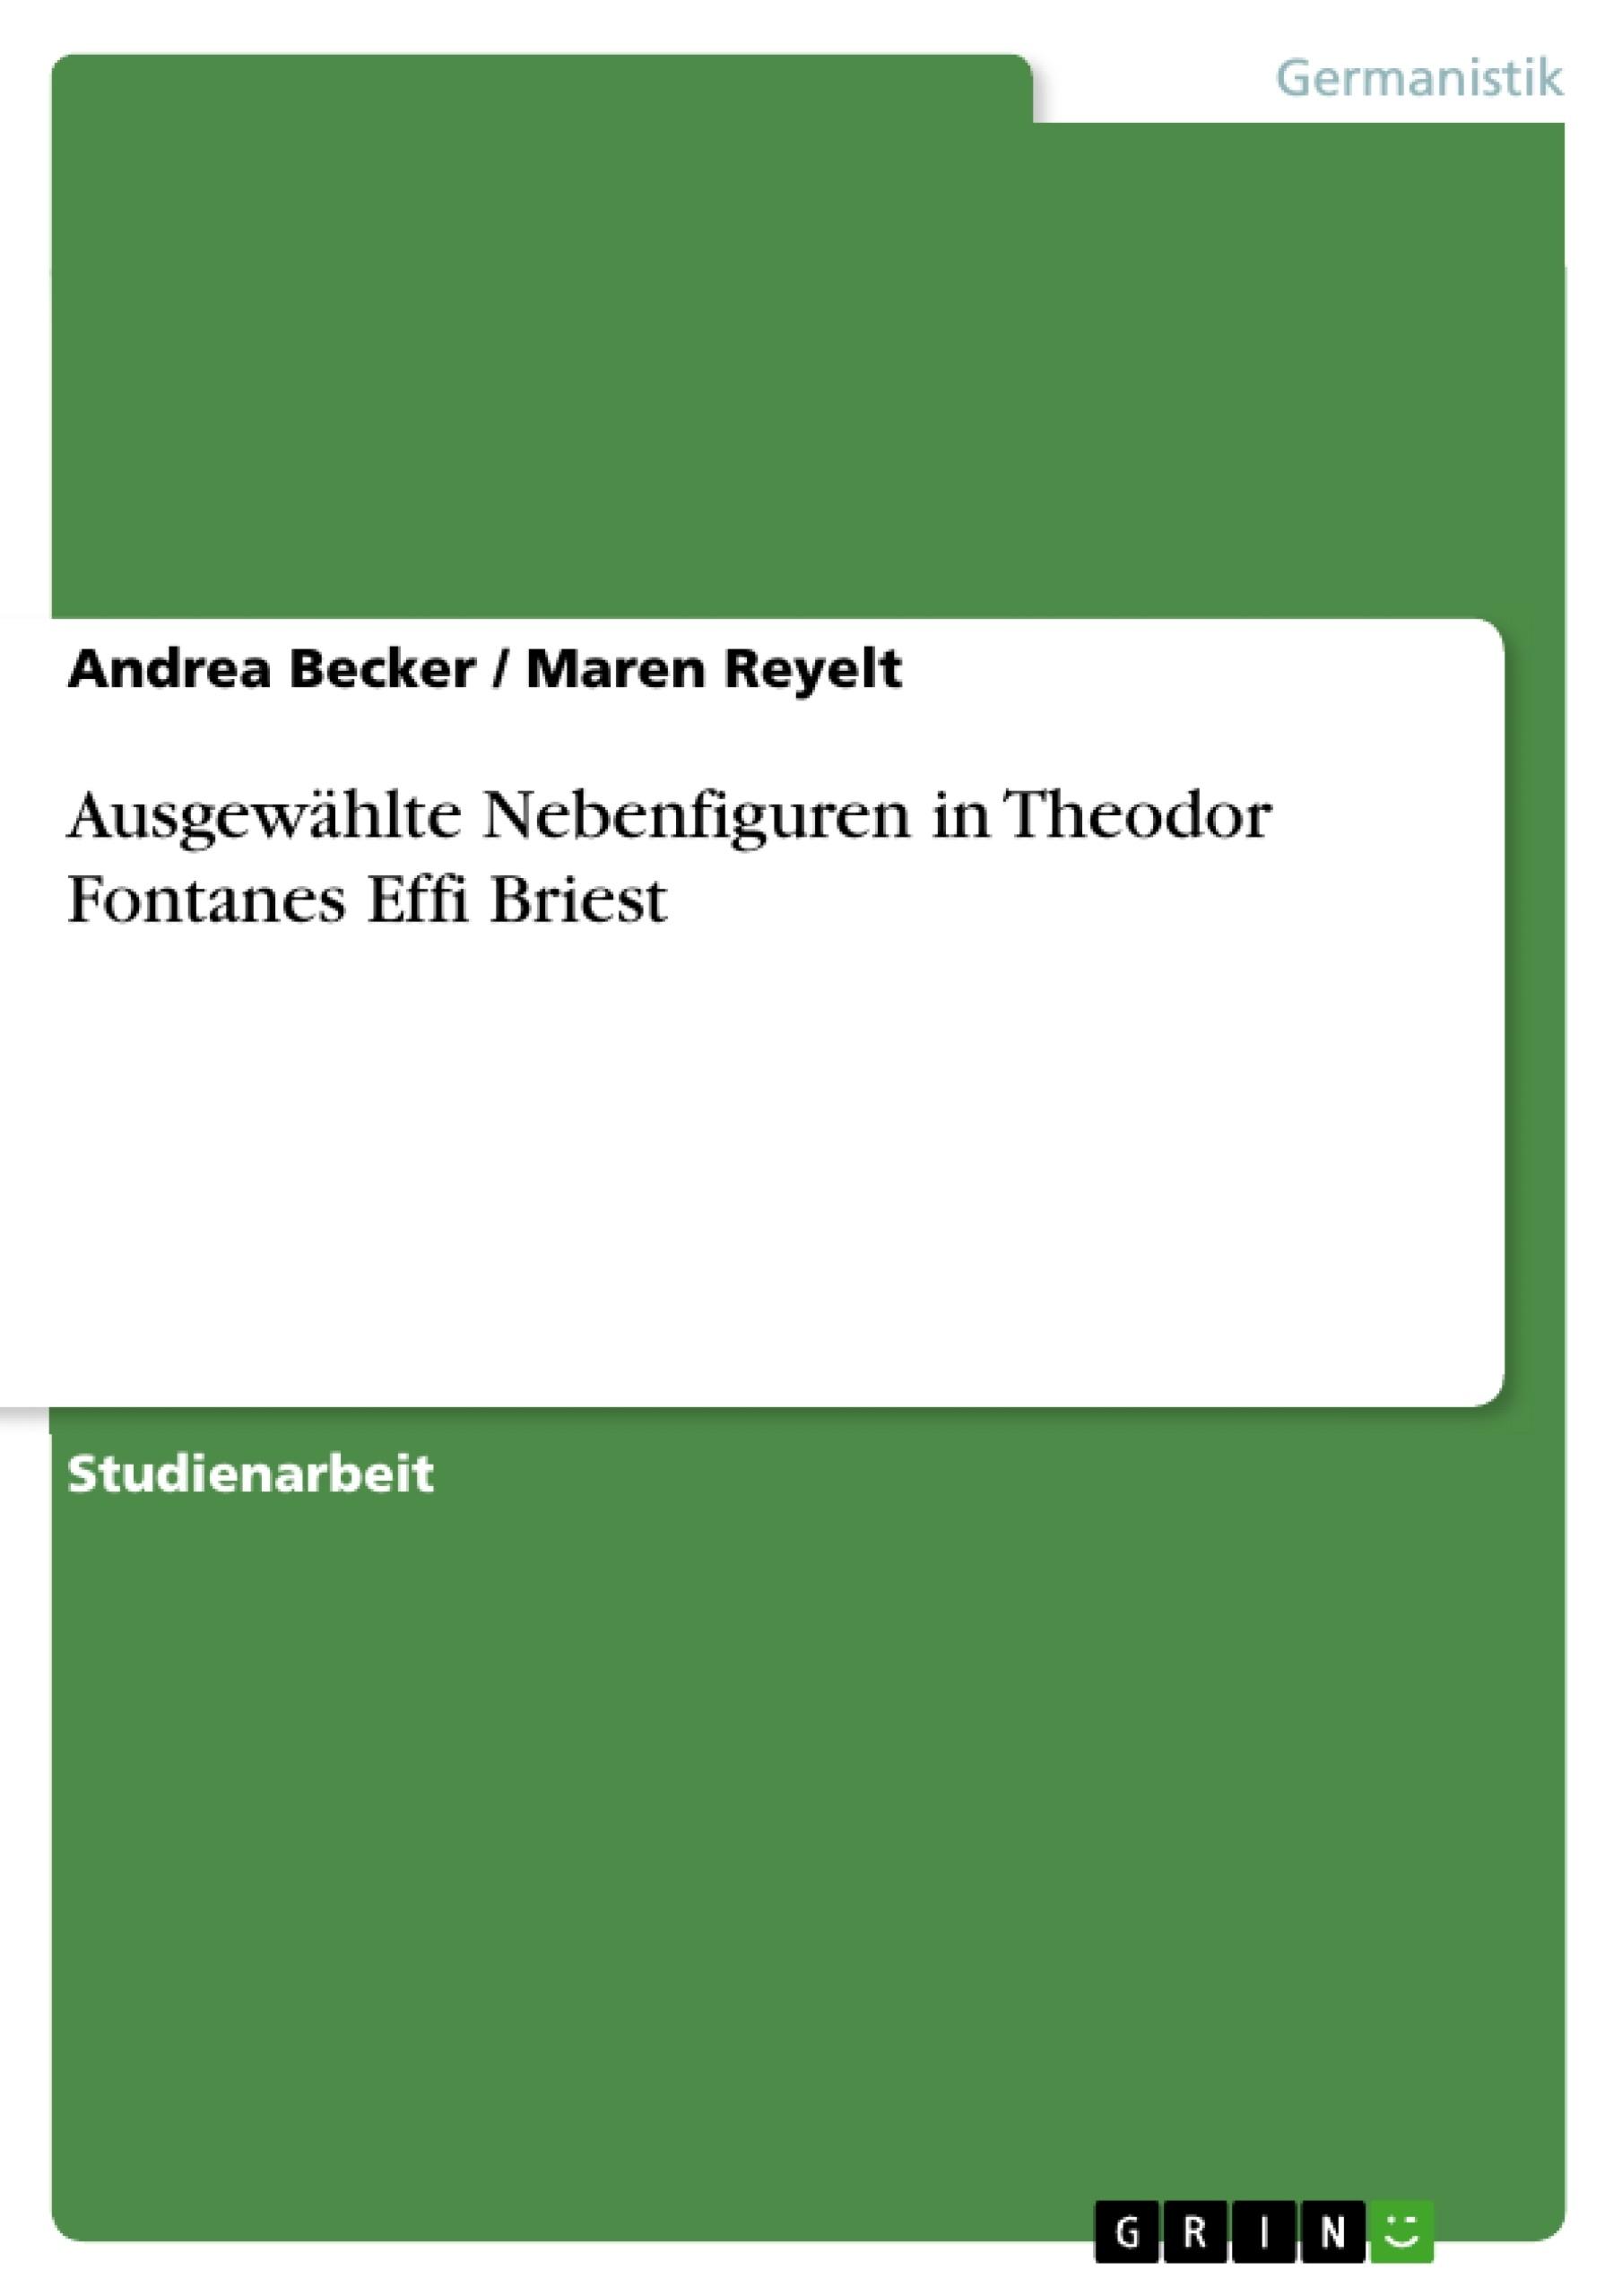 Titel: Ausgewählte Nebenfiguren in Theodor Fontanes  Effi Briest